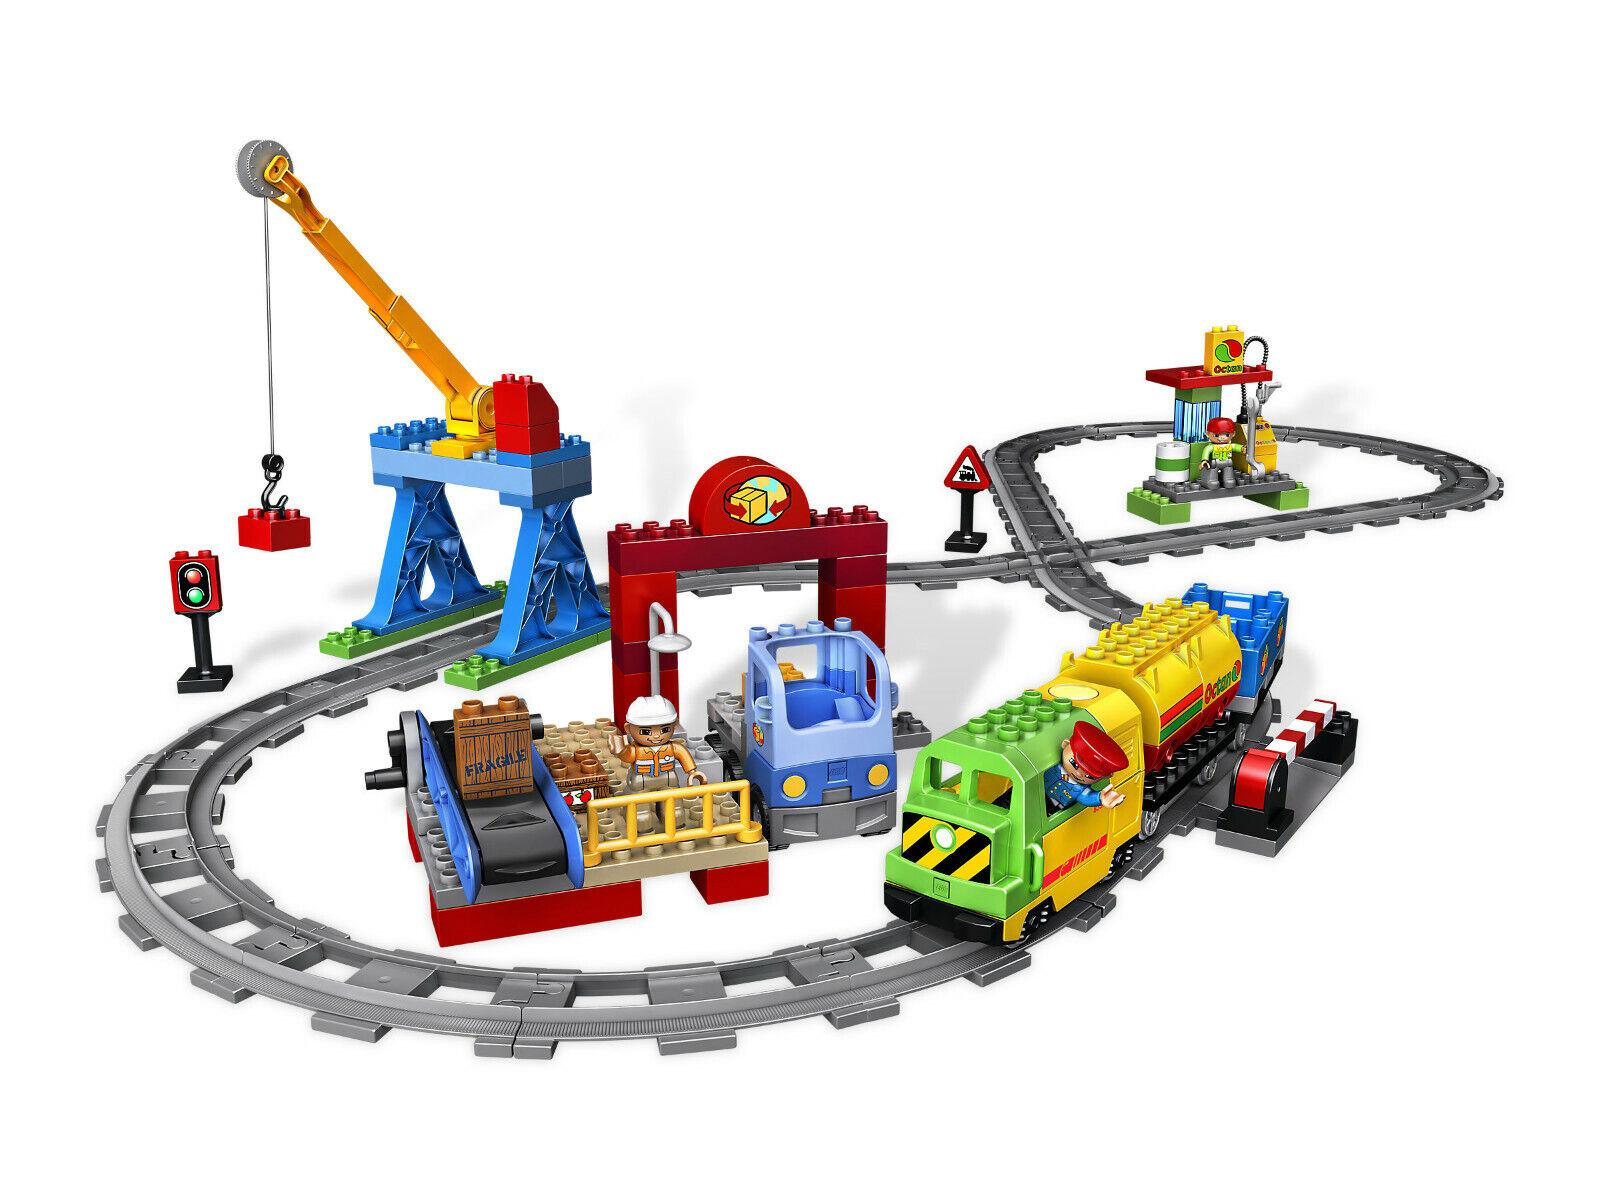 LEGO Duplo Eisenbahn Super Set (5609) komplett mit Original Verpackung.